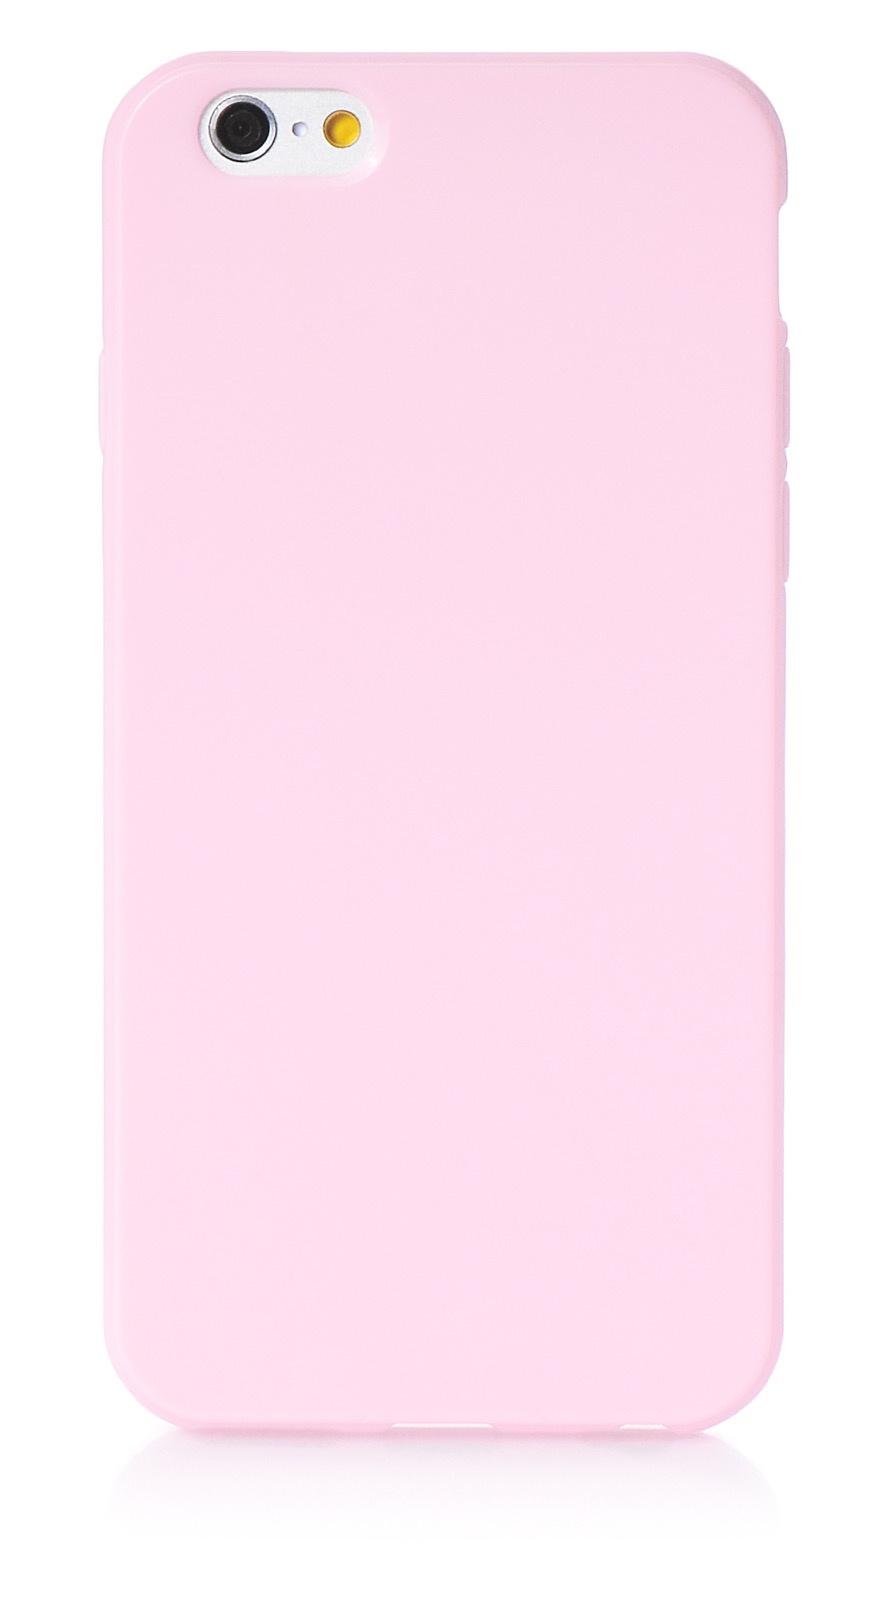 """Чехол для сотового телефона iNeez накладка силикон мыльница 620238 для Apple Iphone 6 Plus/6S Plus 5.5"""", светло-розовый"""